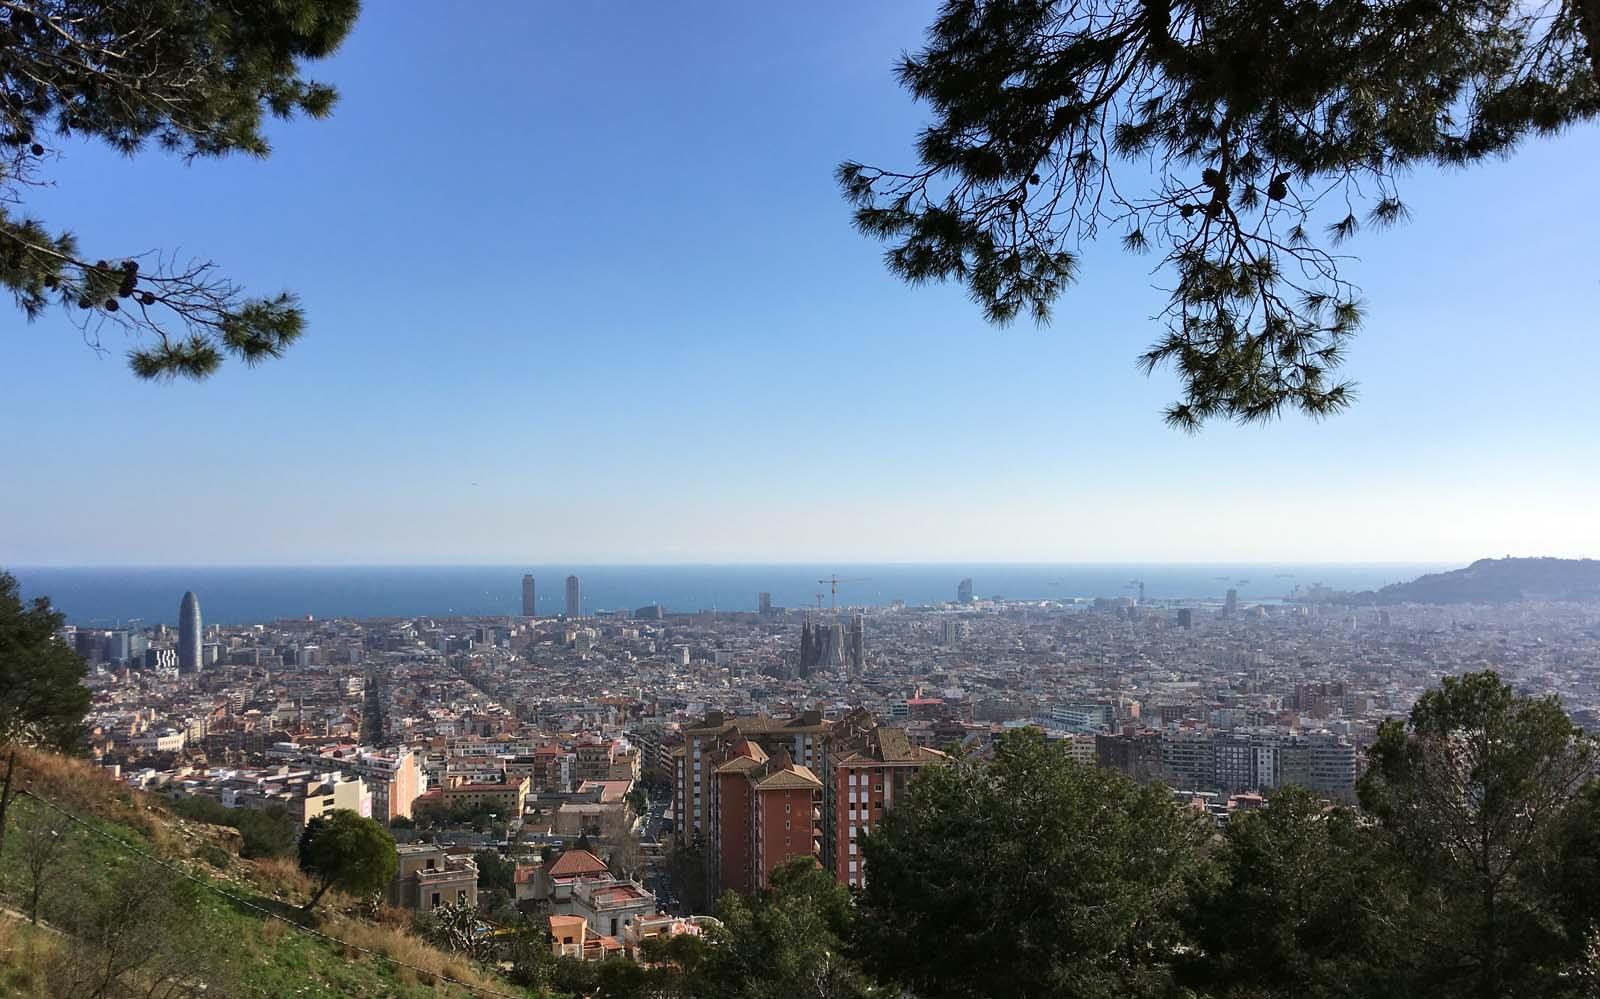 Vista de Barcelona desde el parque del Guinardó